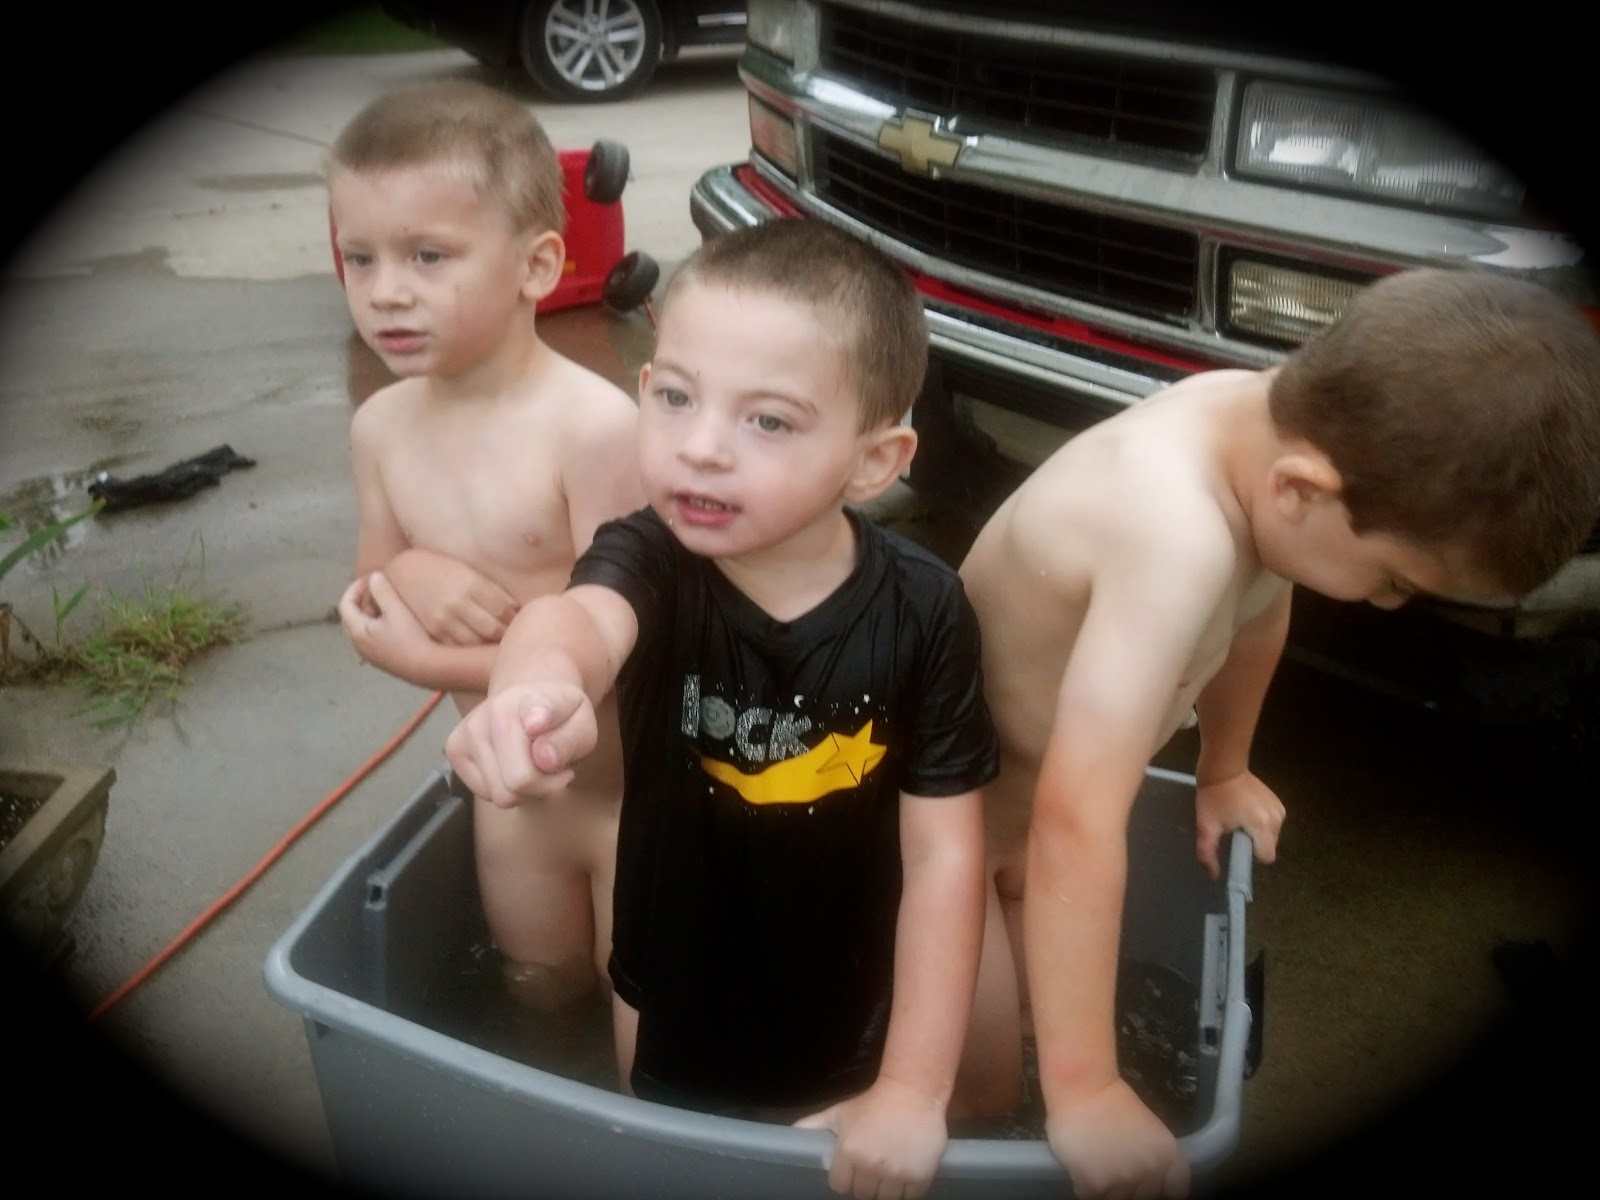 Rub-A-Dub Dub... 3 boys in a tub.